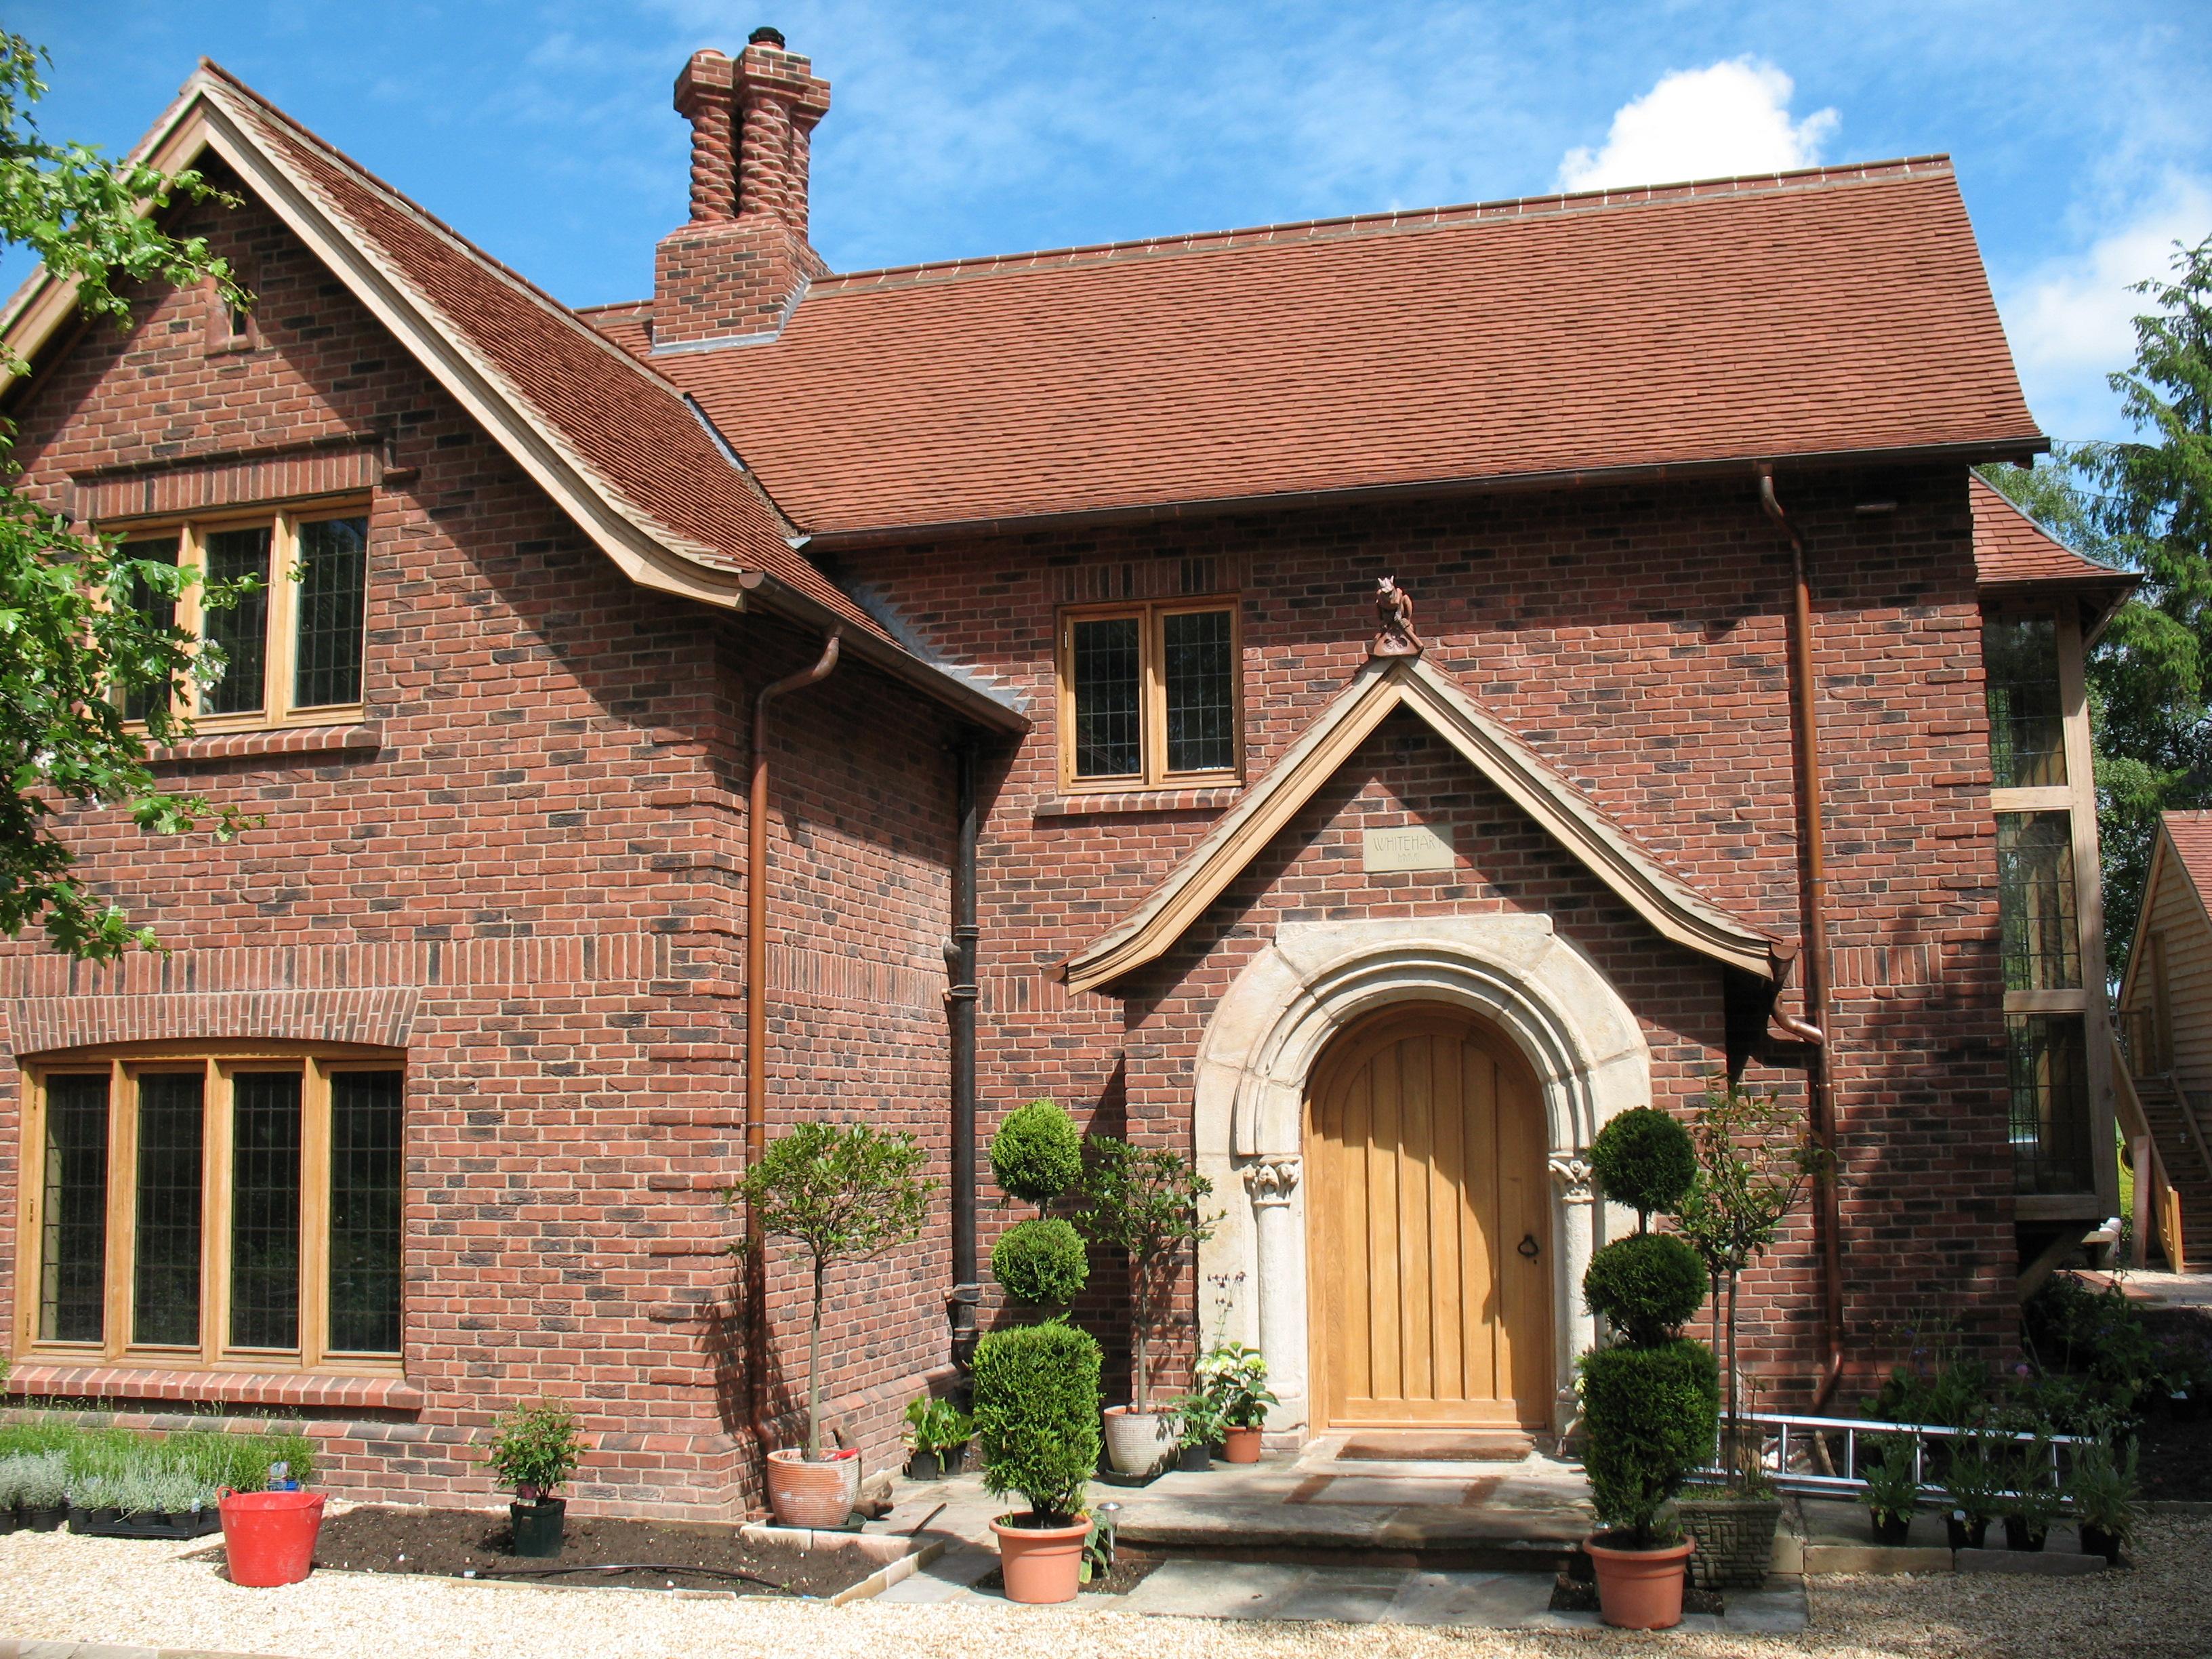 Ein garten im englischen stil um einen neubau im alten gewand designer garden